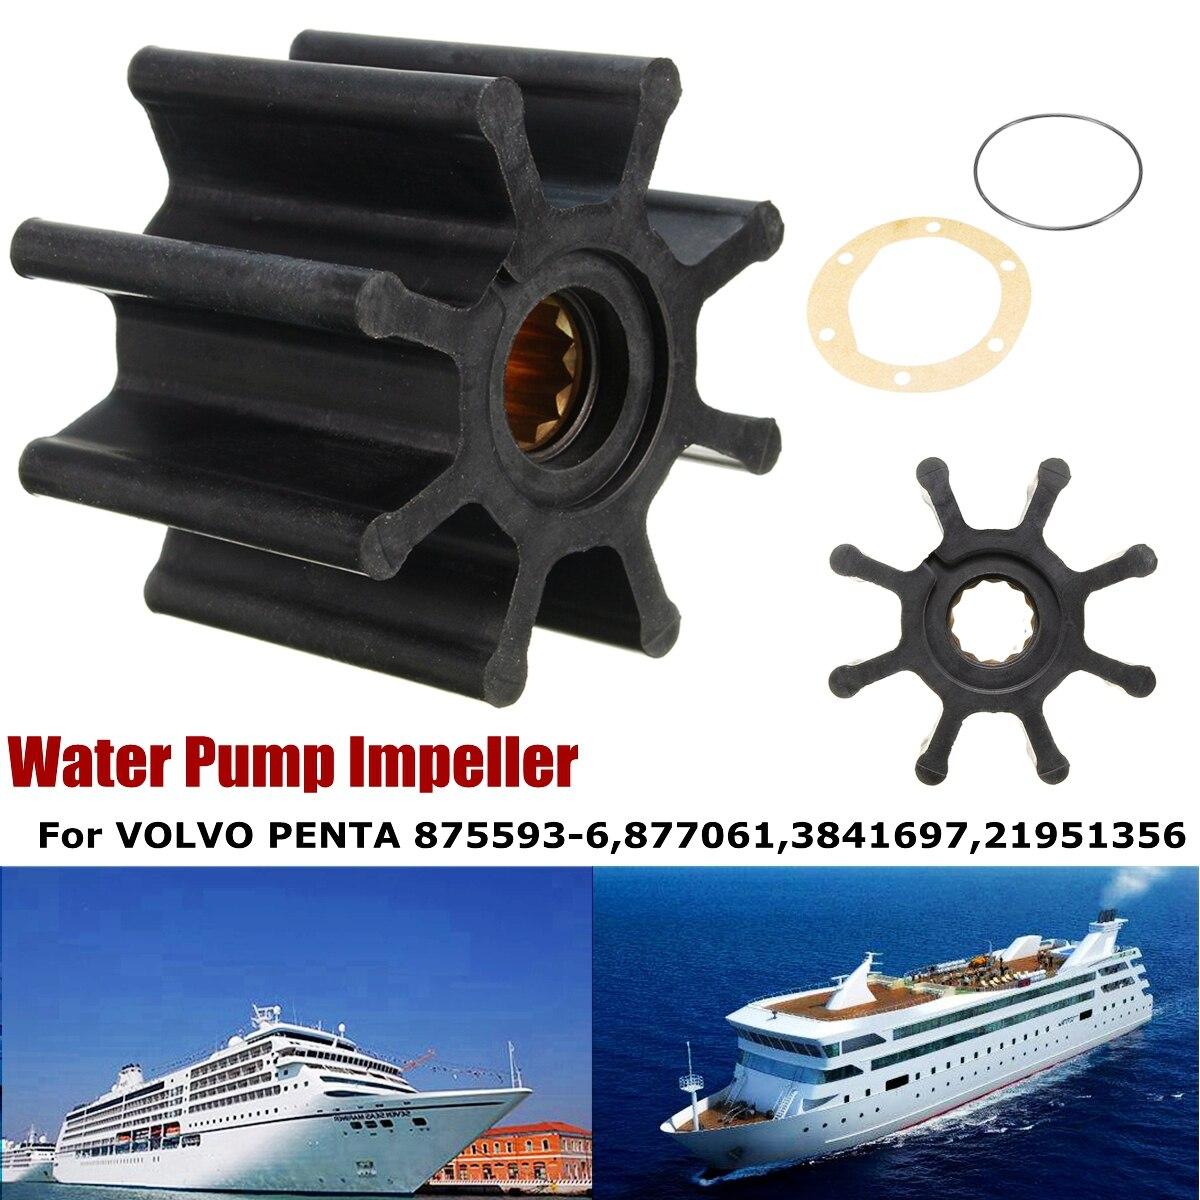 Water Pump Impeller Kit Rubber For VOLVO PENTA #875593-6 877061 3841697 NEWWater Pump Impeller Kit Rubber For VOLVO PENTA #875593-6 877061 3841697 NEW